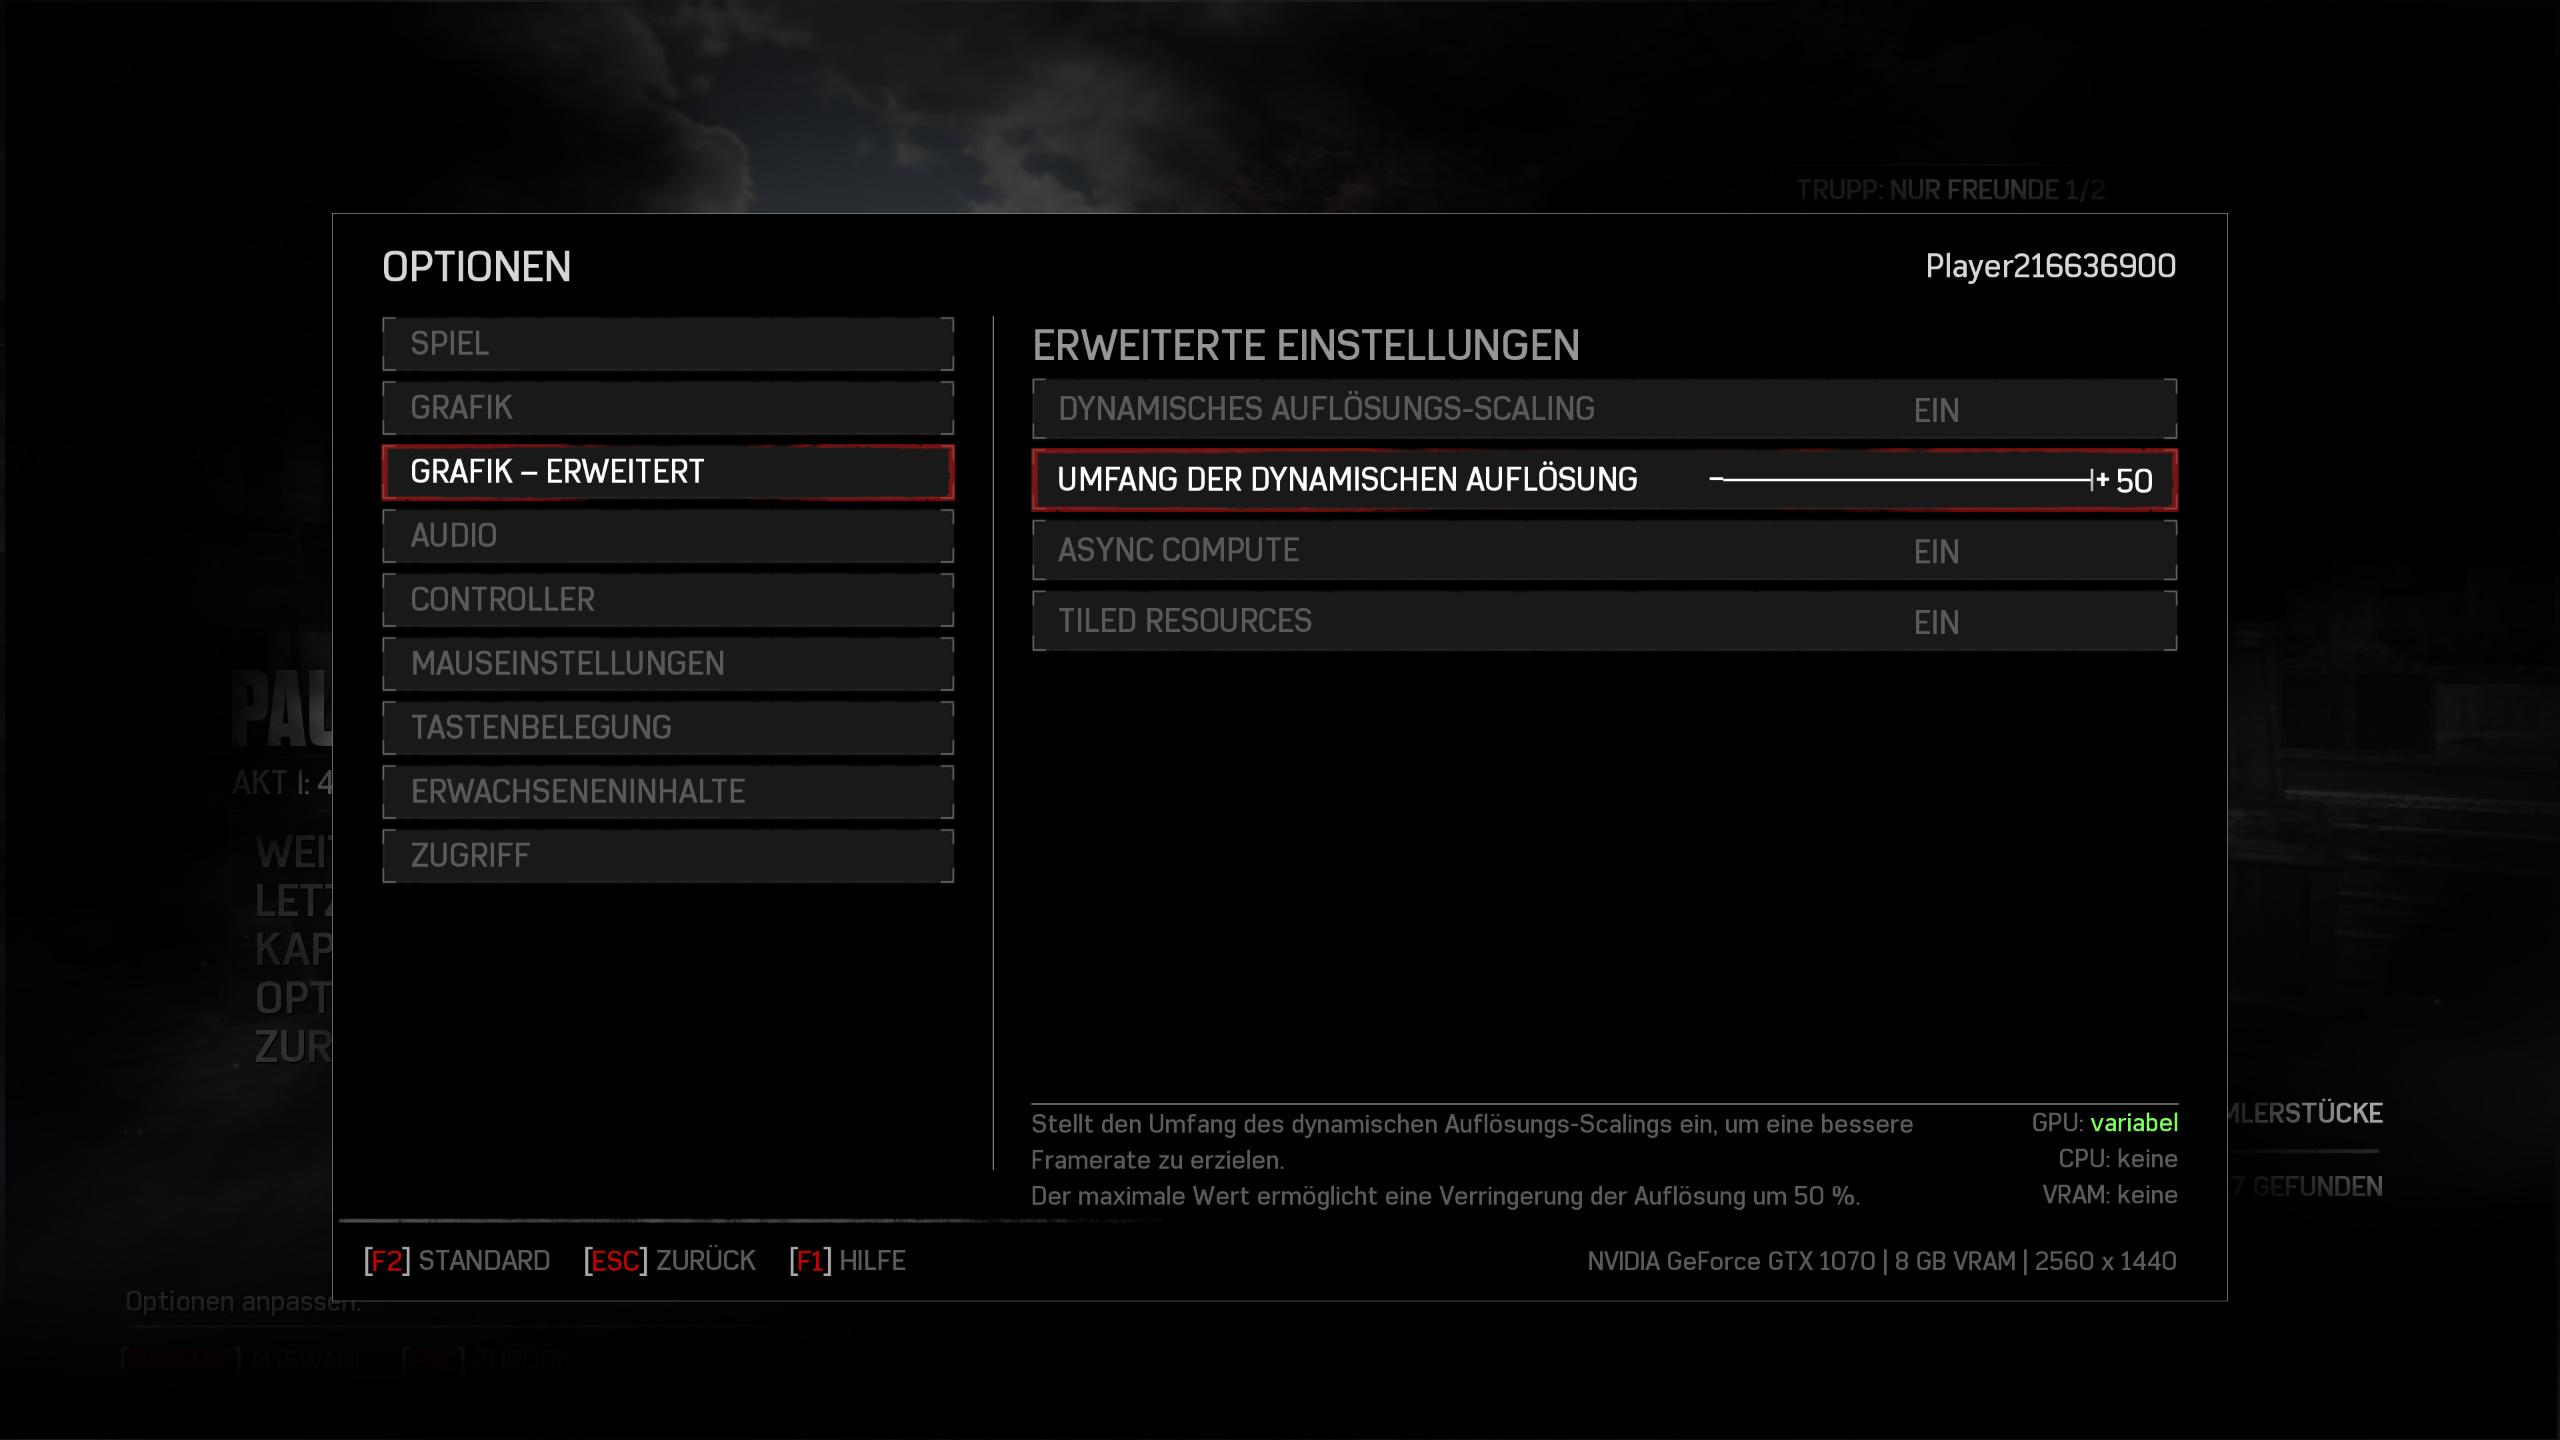 Gears of War 4 im Technik-Test: Wahnsinnig, diese PC-Version - Gears of War 4 dynamisch upscalen oder downsamplen (Screenshot: Golem.de)